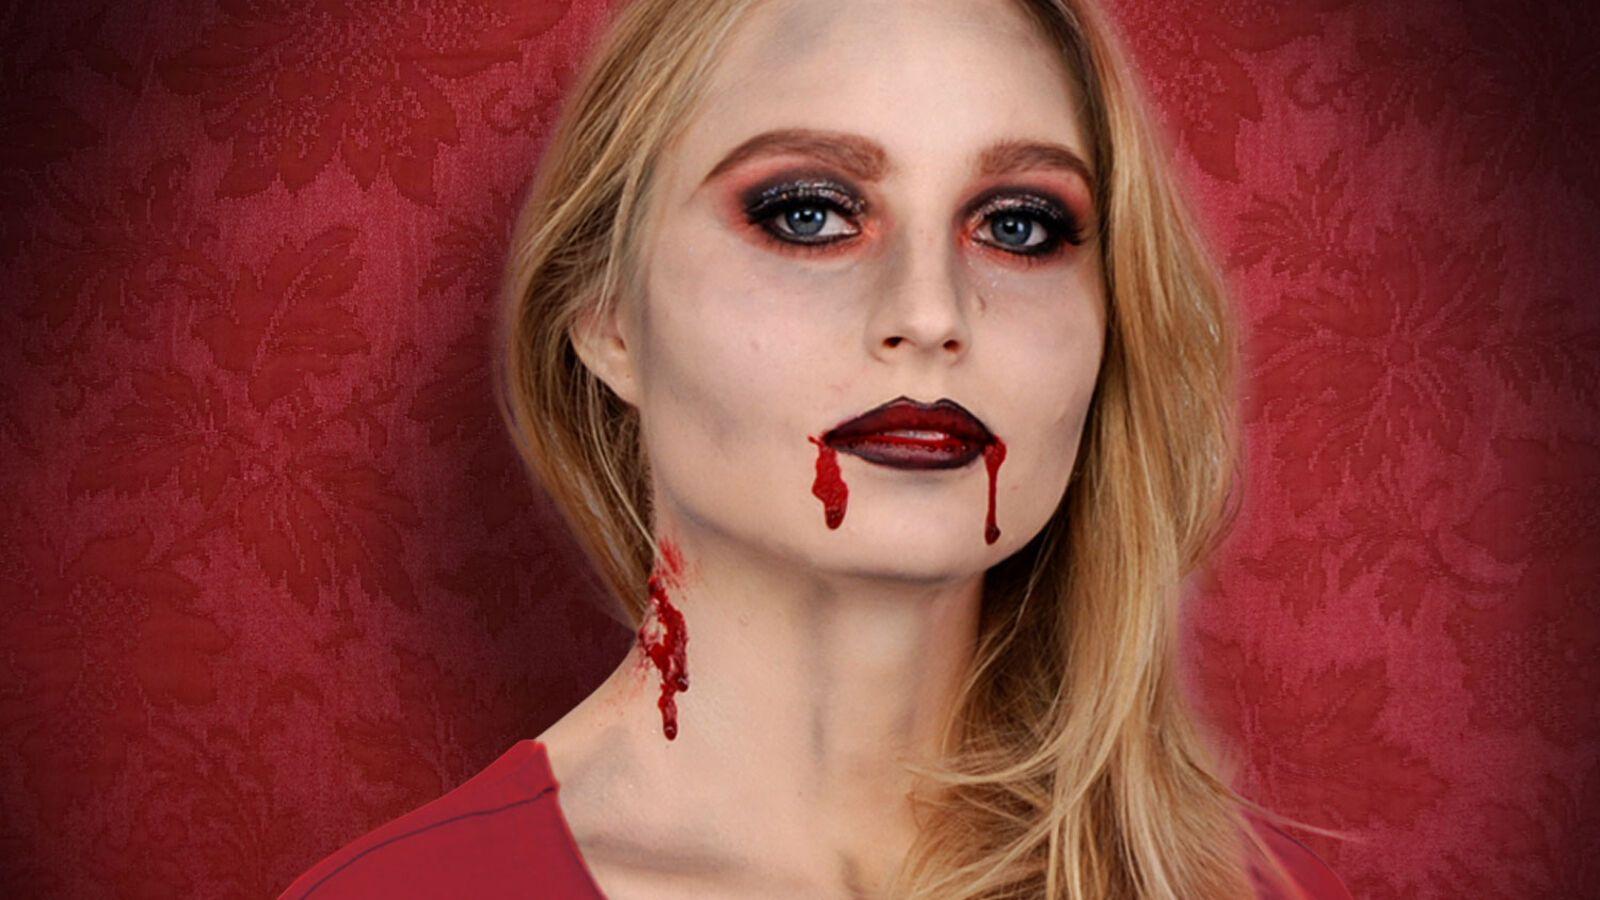 Vampir schminken: Step by Step Anleitung